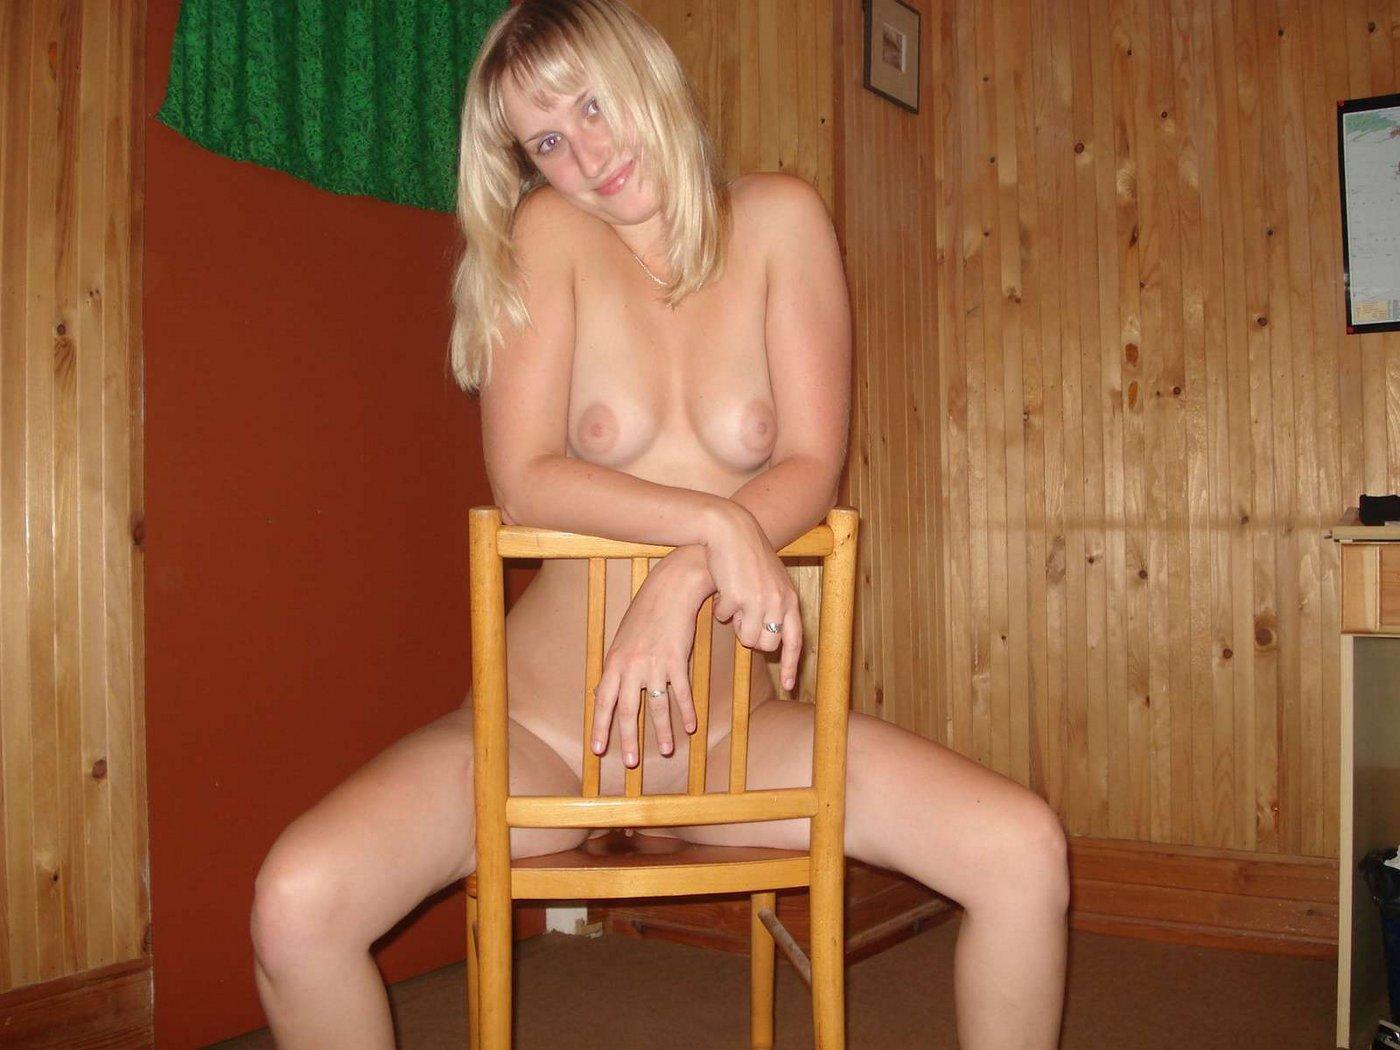 Полностью голая модель со свелыми волосами в квартире оголяет грудь и пизду